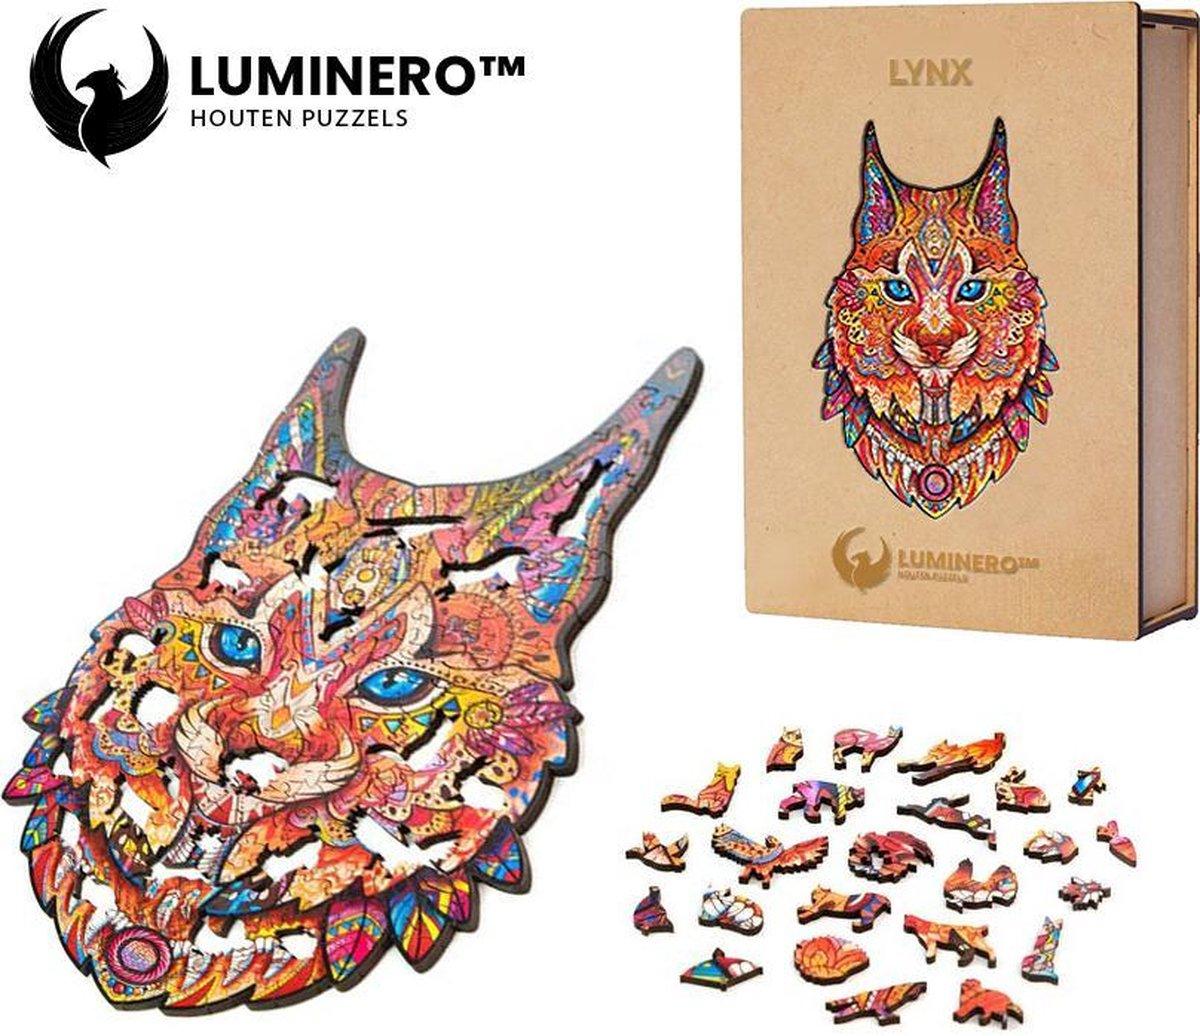 Luminero™ Houten Lynx Jigsaw Puzzel - A5 Formaat Jigsaw - Unieke 3D Puzzels - Huisdecoratie - Wooden Puzzle - Volwassenen & Kinderen - Incl. Houten Doos